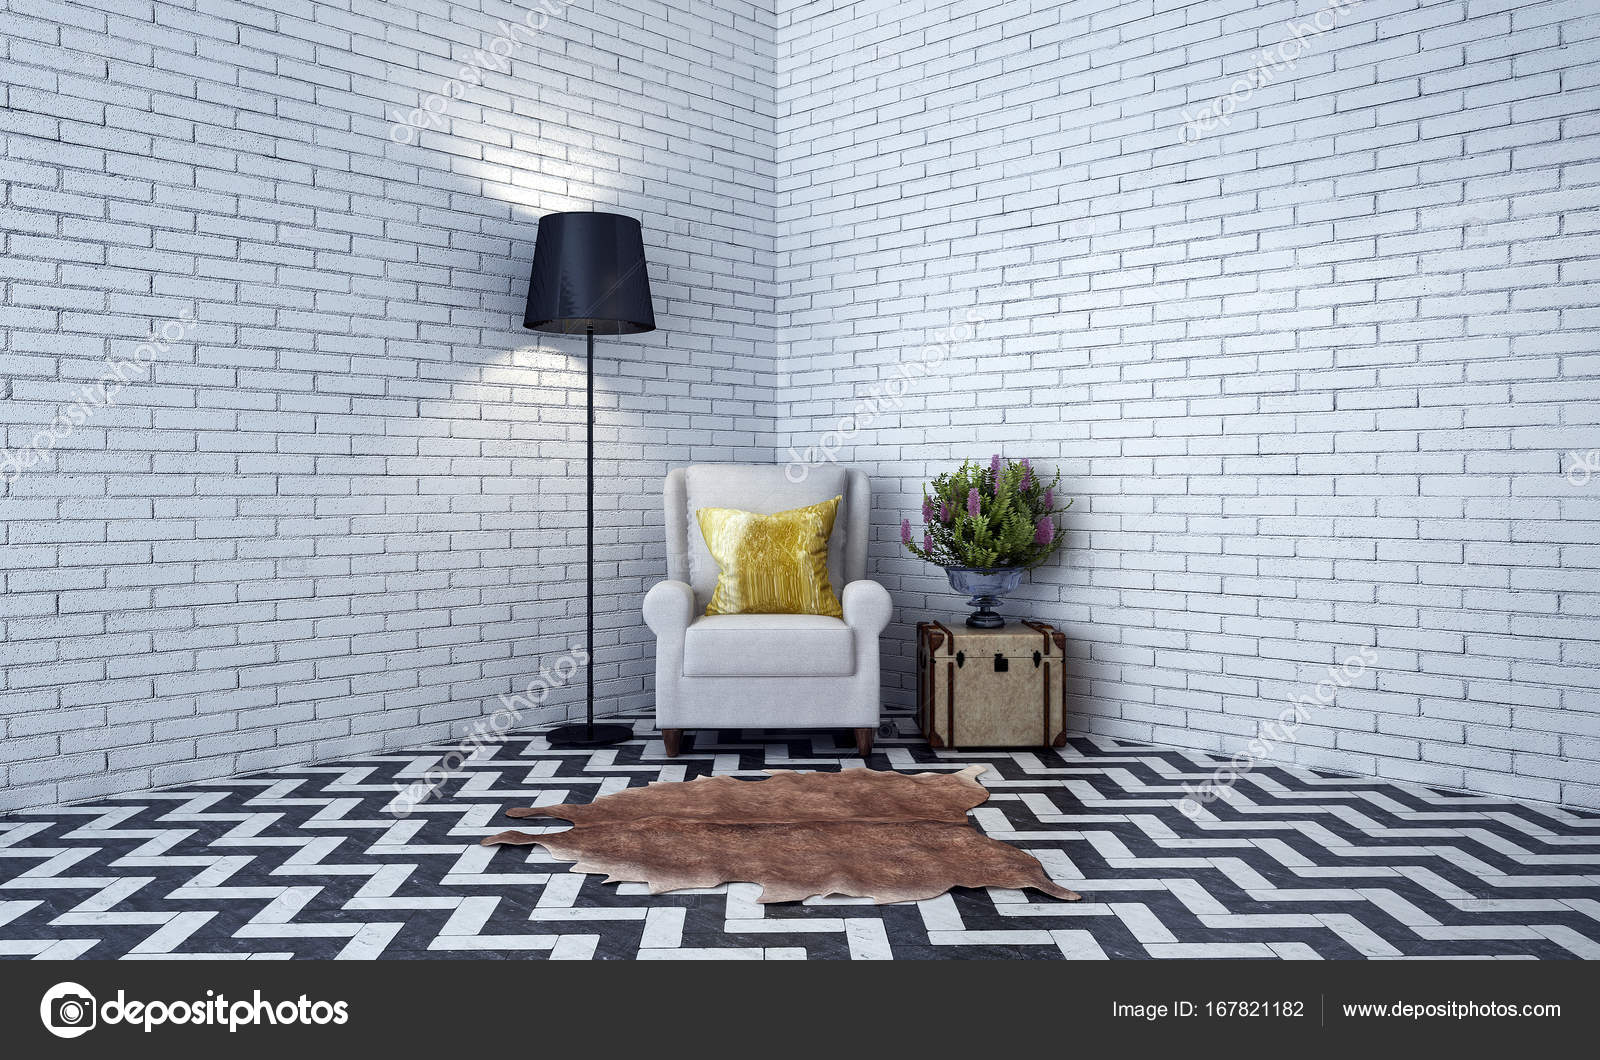 Lounge Stoel Woonkamer : Interieur design lounge stoel een woonkamer en een bakstenen muur